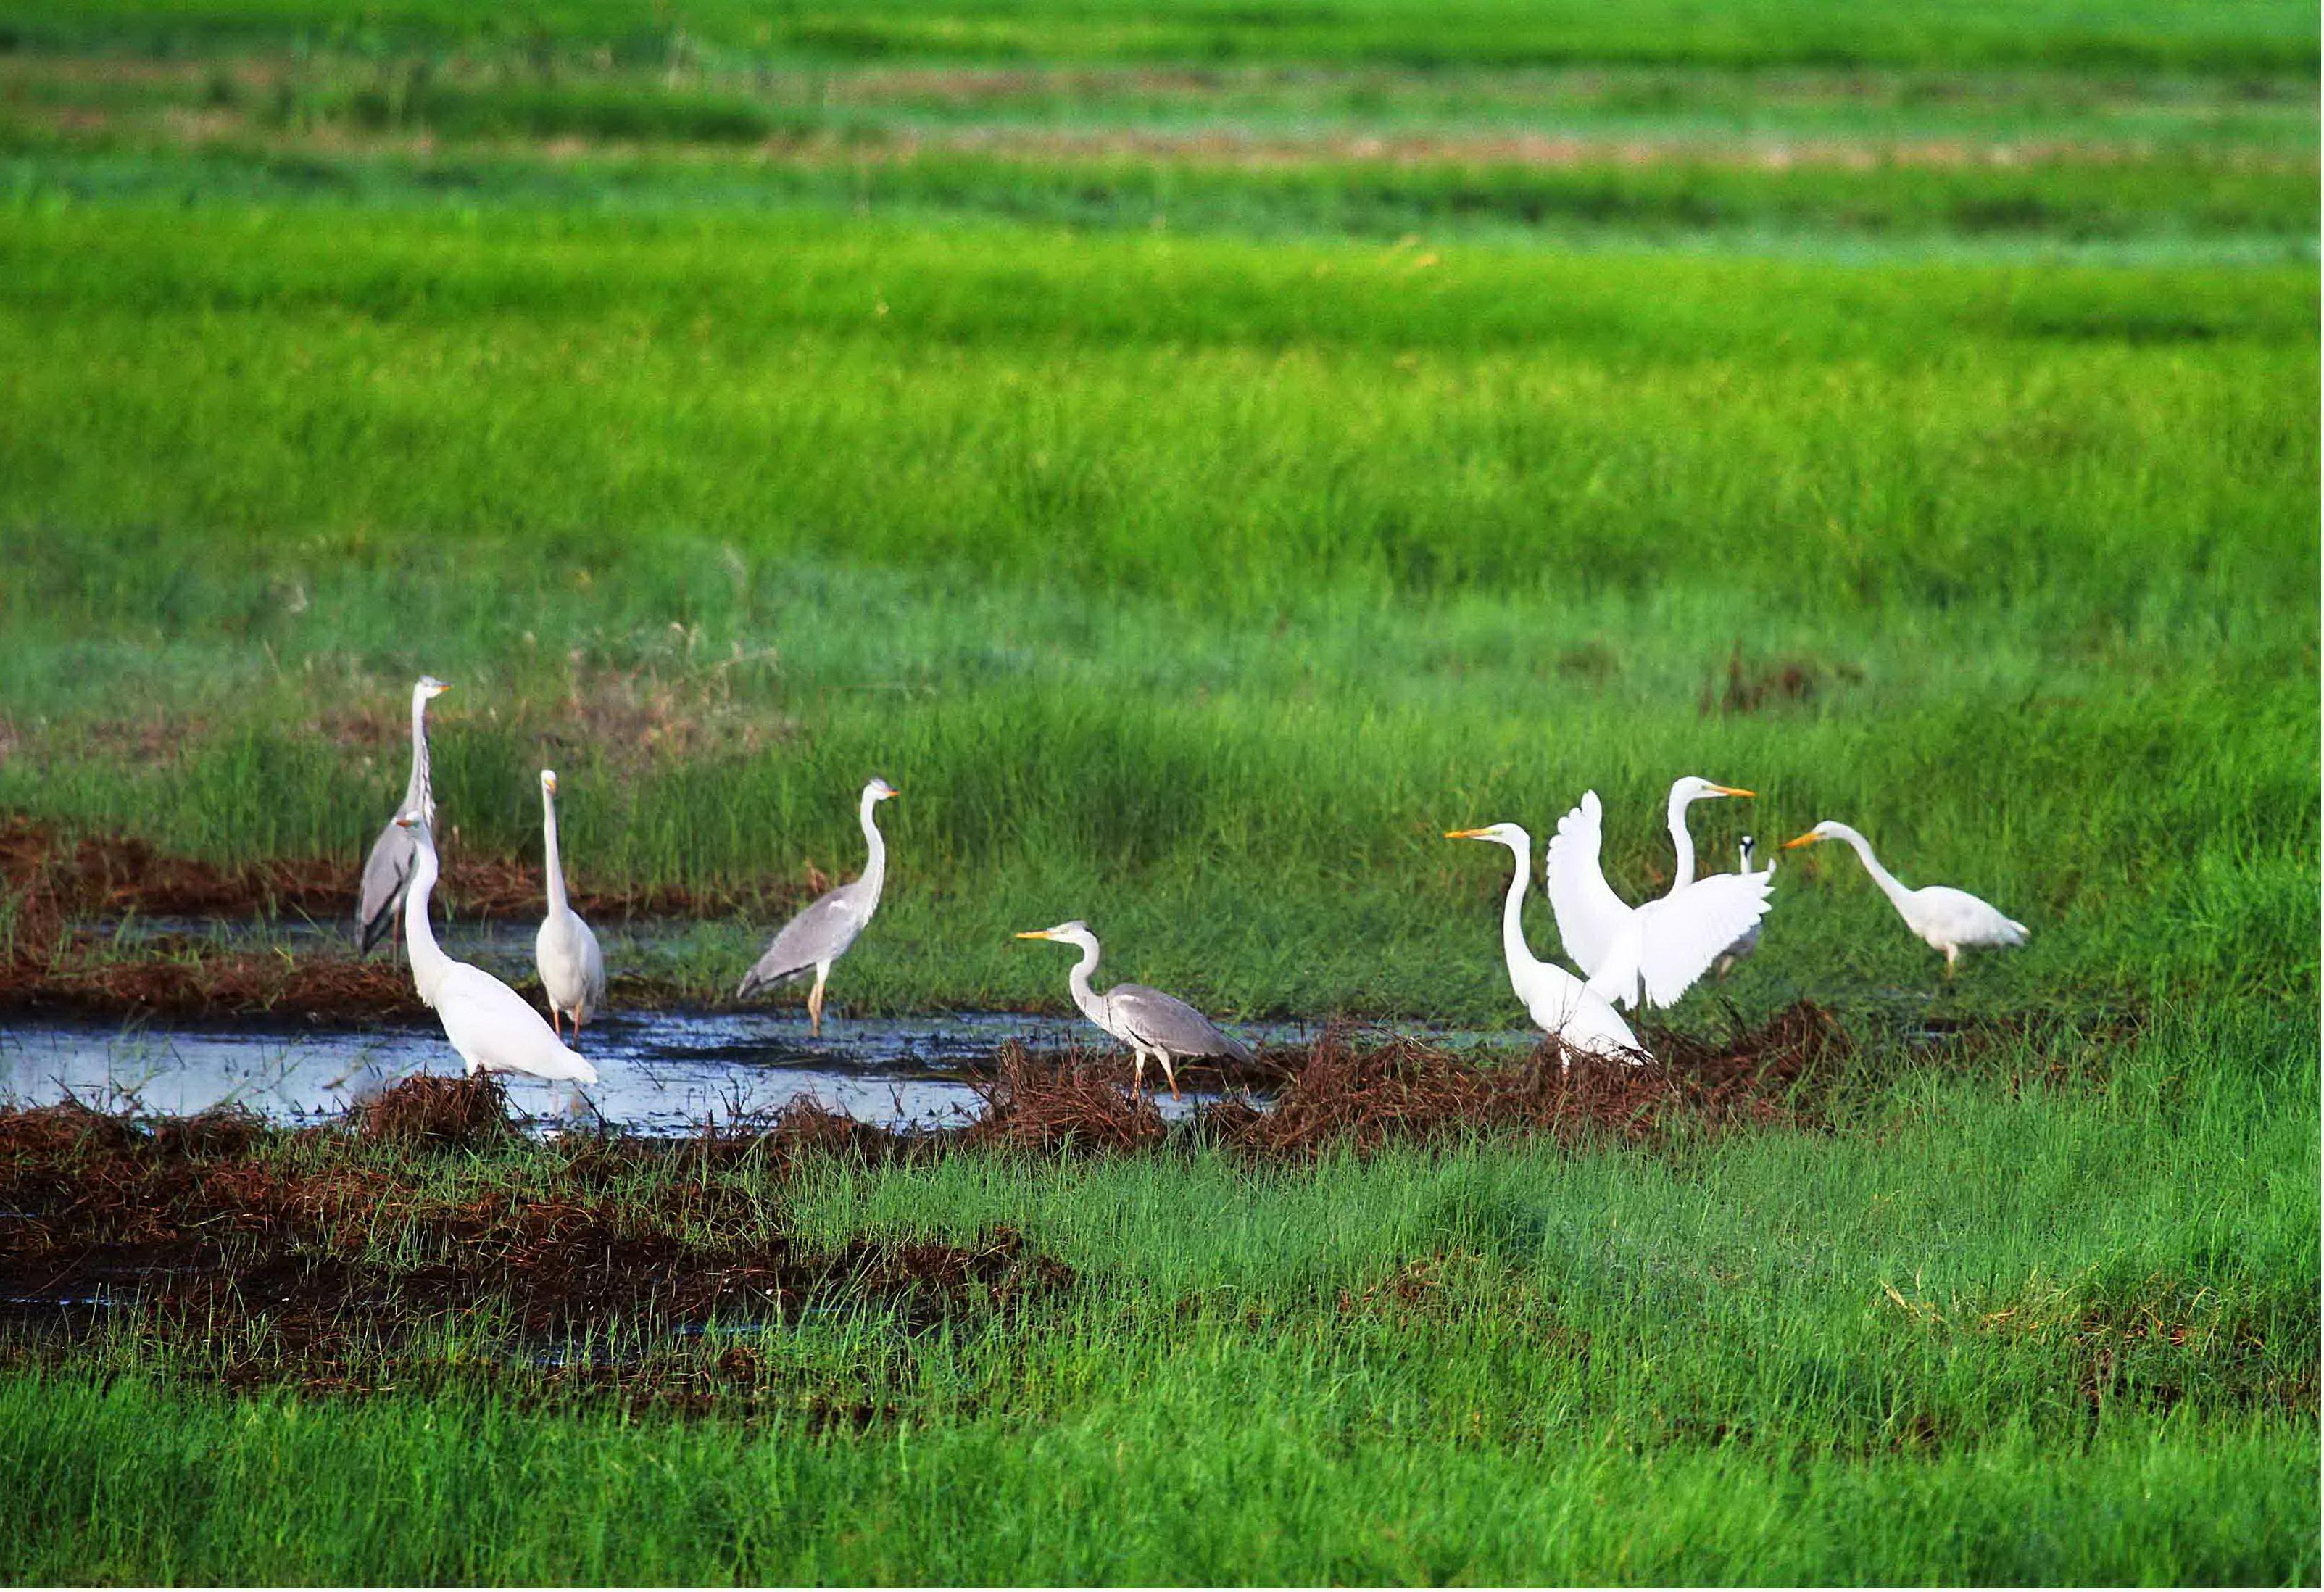 七星河湿地水草肥美吸引大量野生鸟类来此栖息